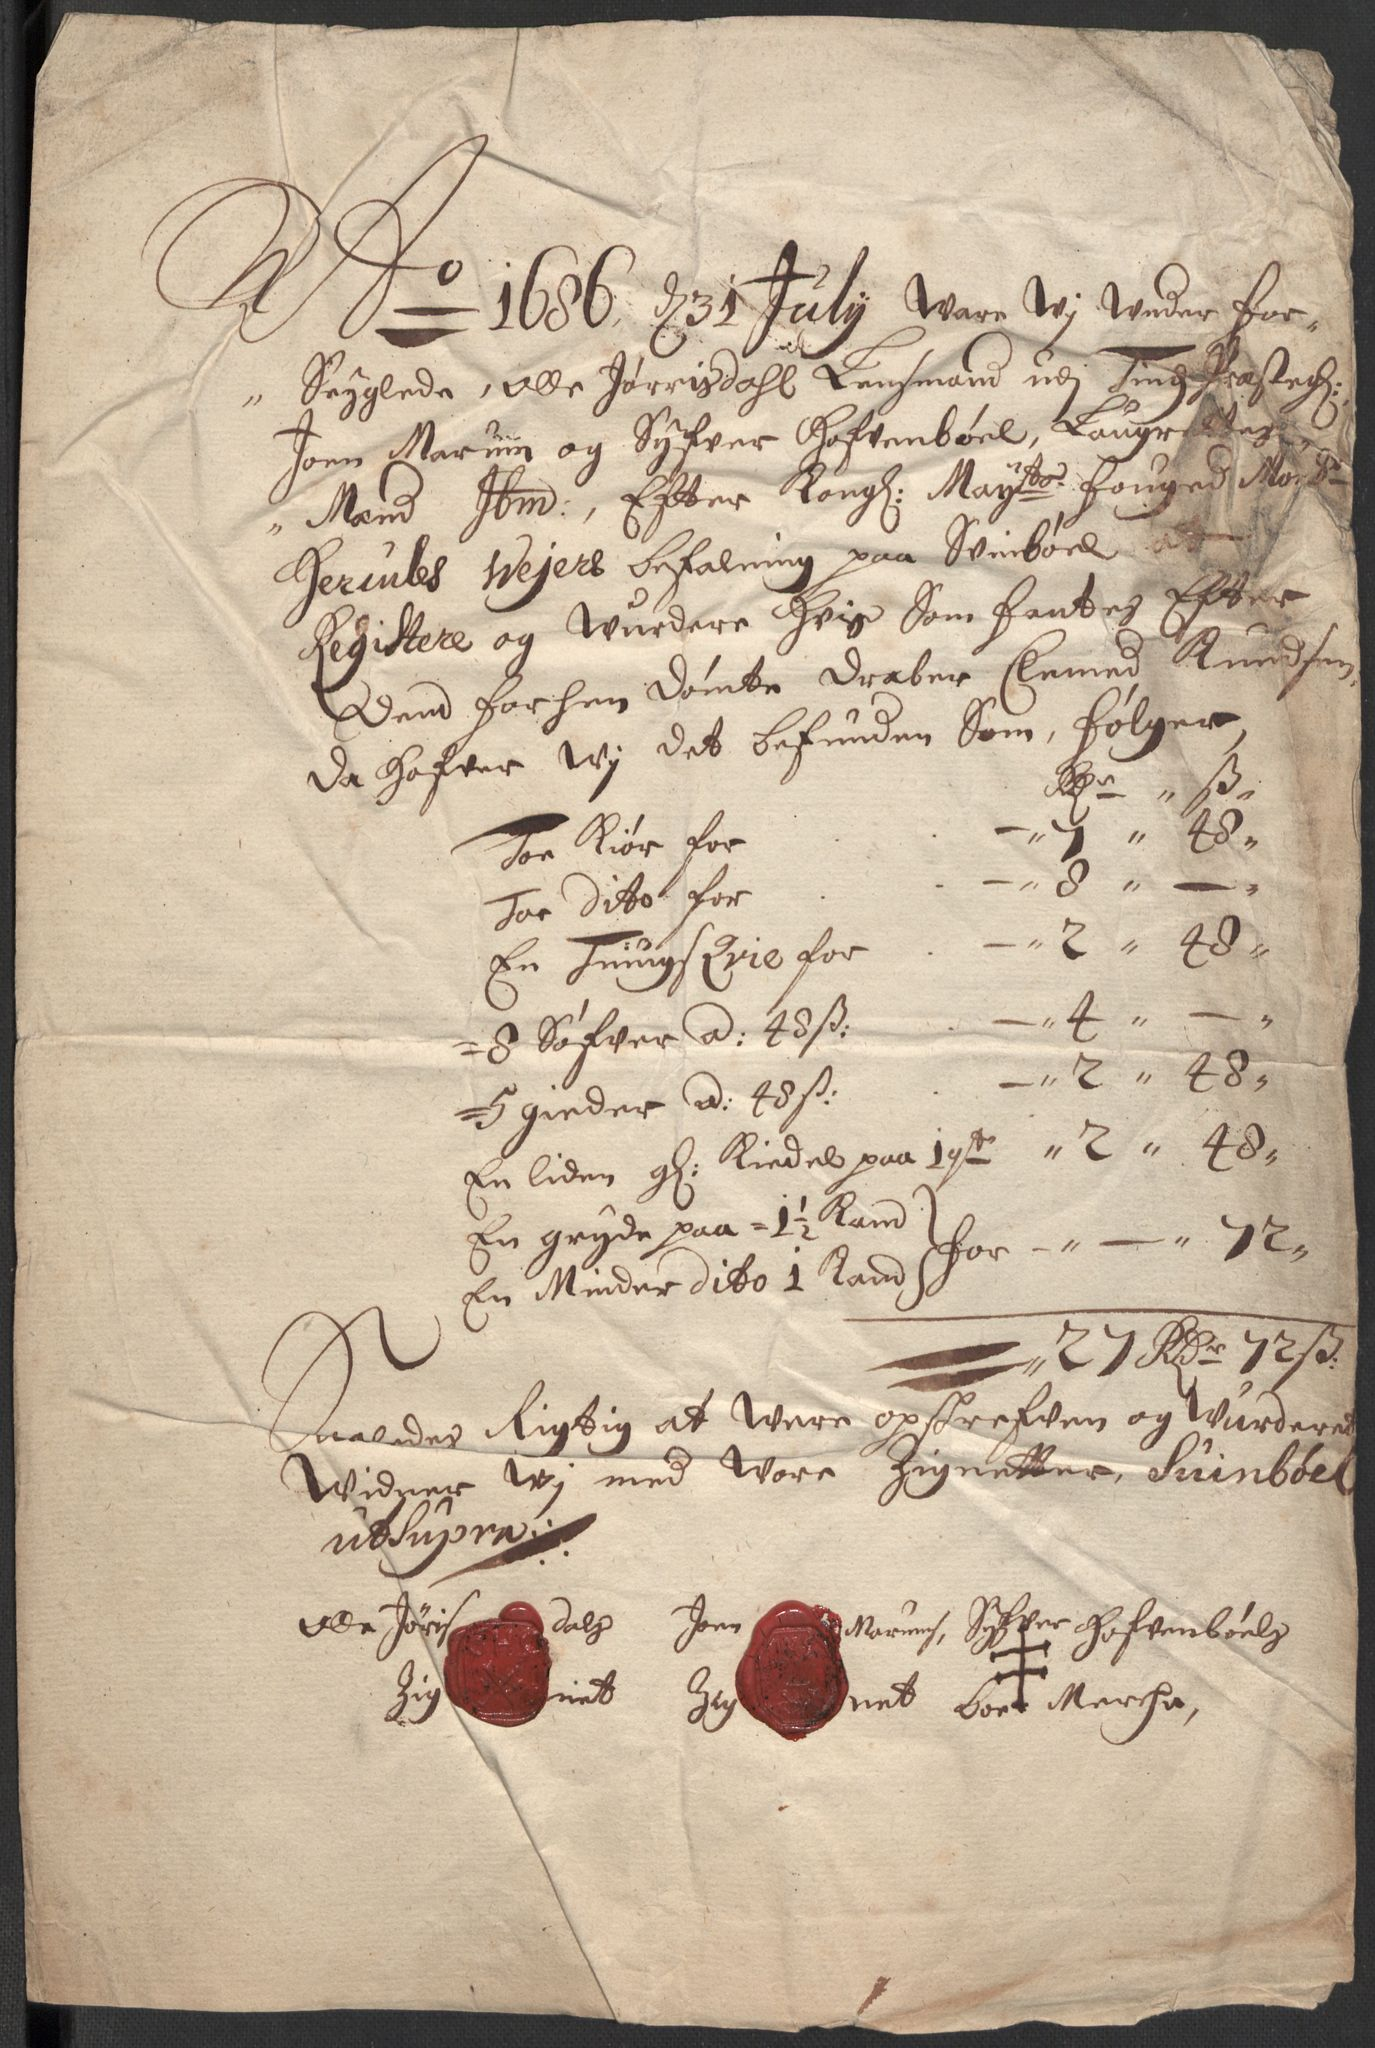 RA, Rentekammeret inntil 1814, Reviderte regnskaper, Fogderegnskap, R35/L2083: Fogderegnskap Øvre og Nedre Telemark, 1686, s. 404